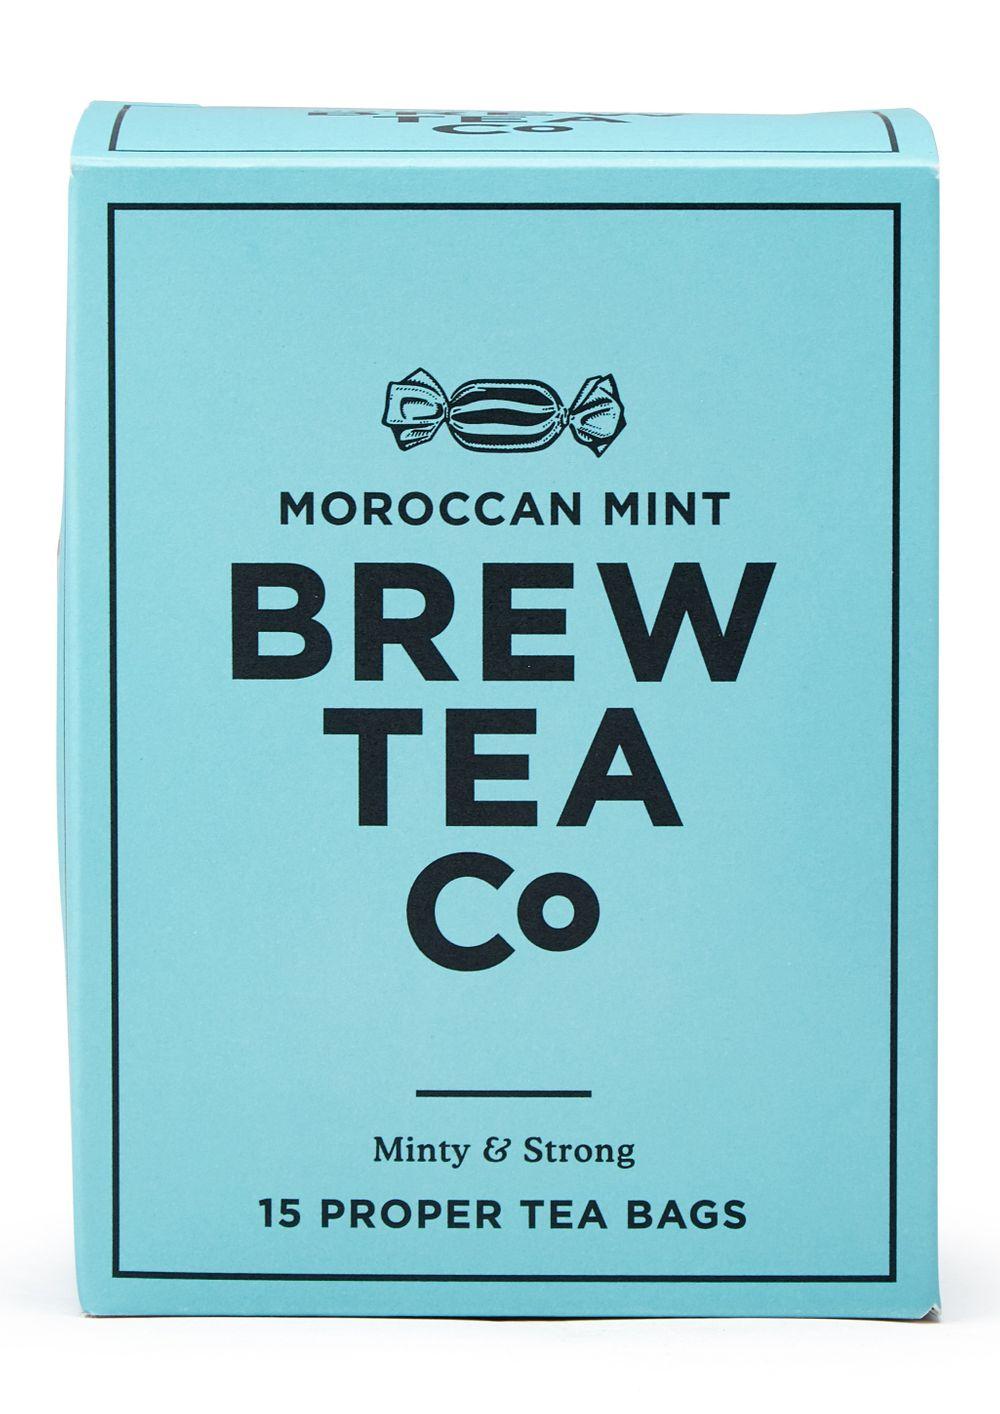 Moroccan Mint - 15 Proper Tea Bags